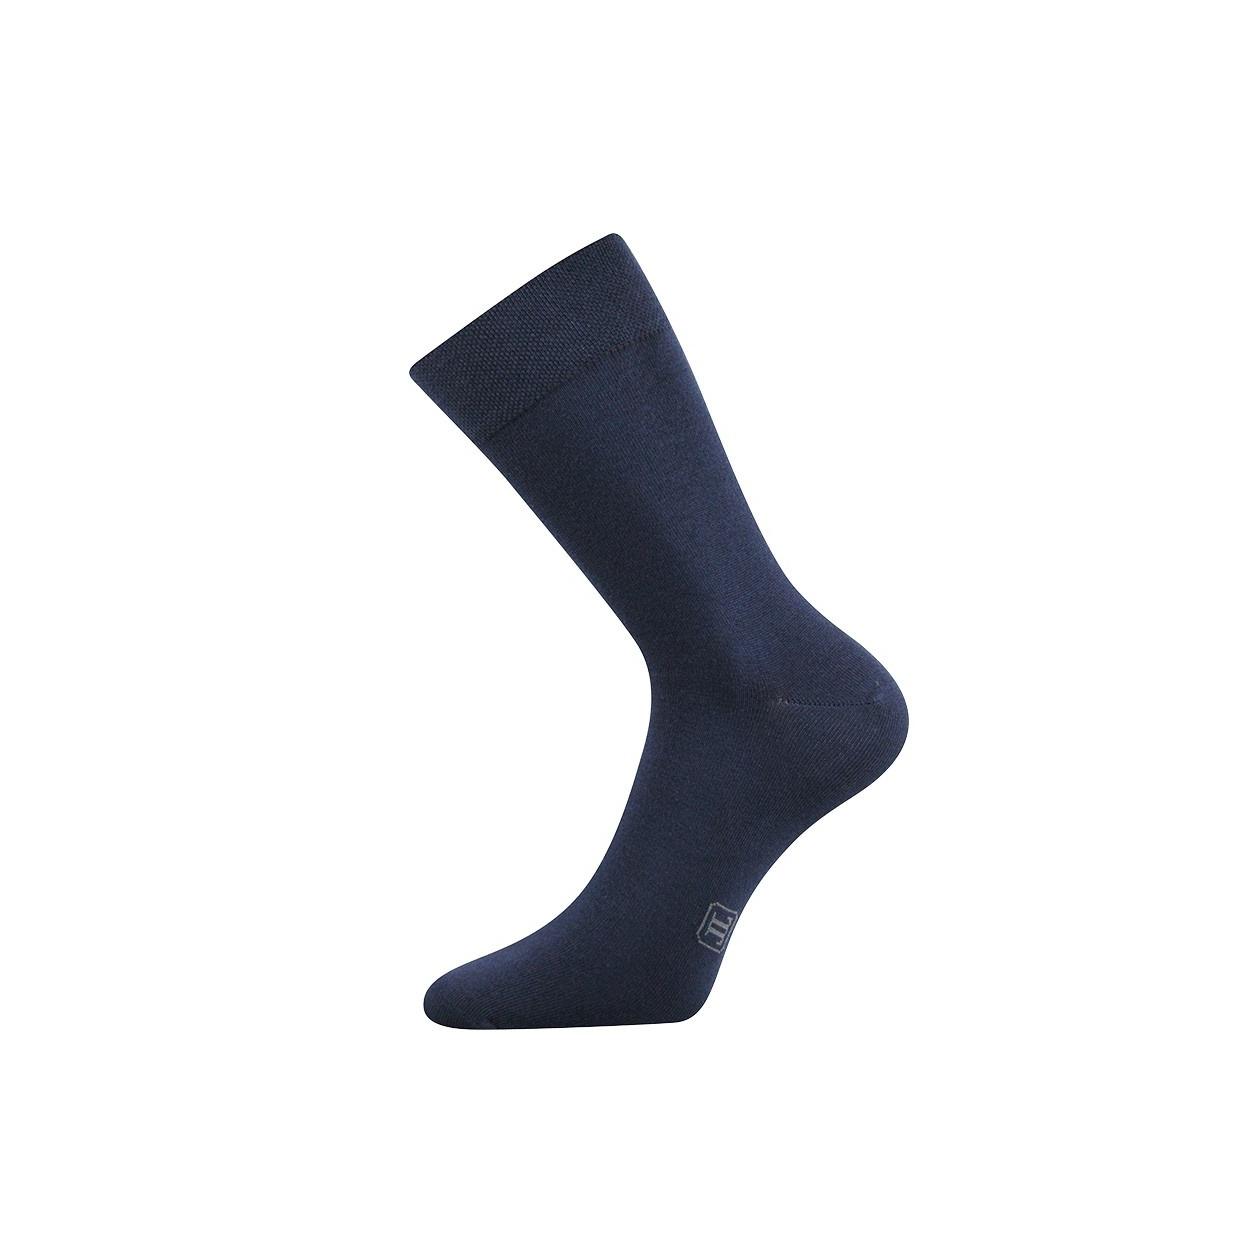 Tmavě modré pánské ponožky Decolor  0f036c9dce